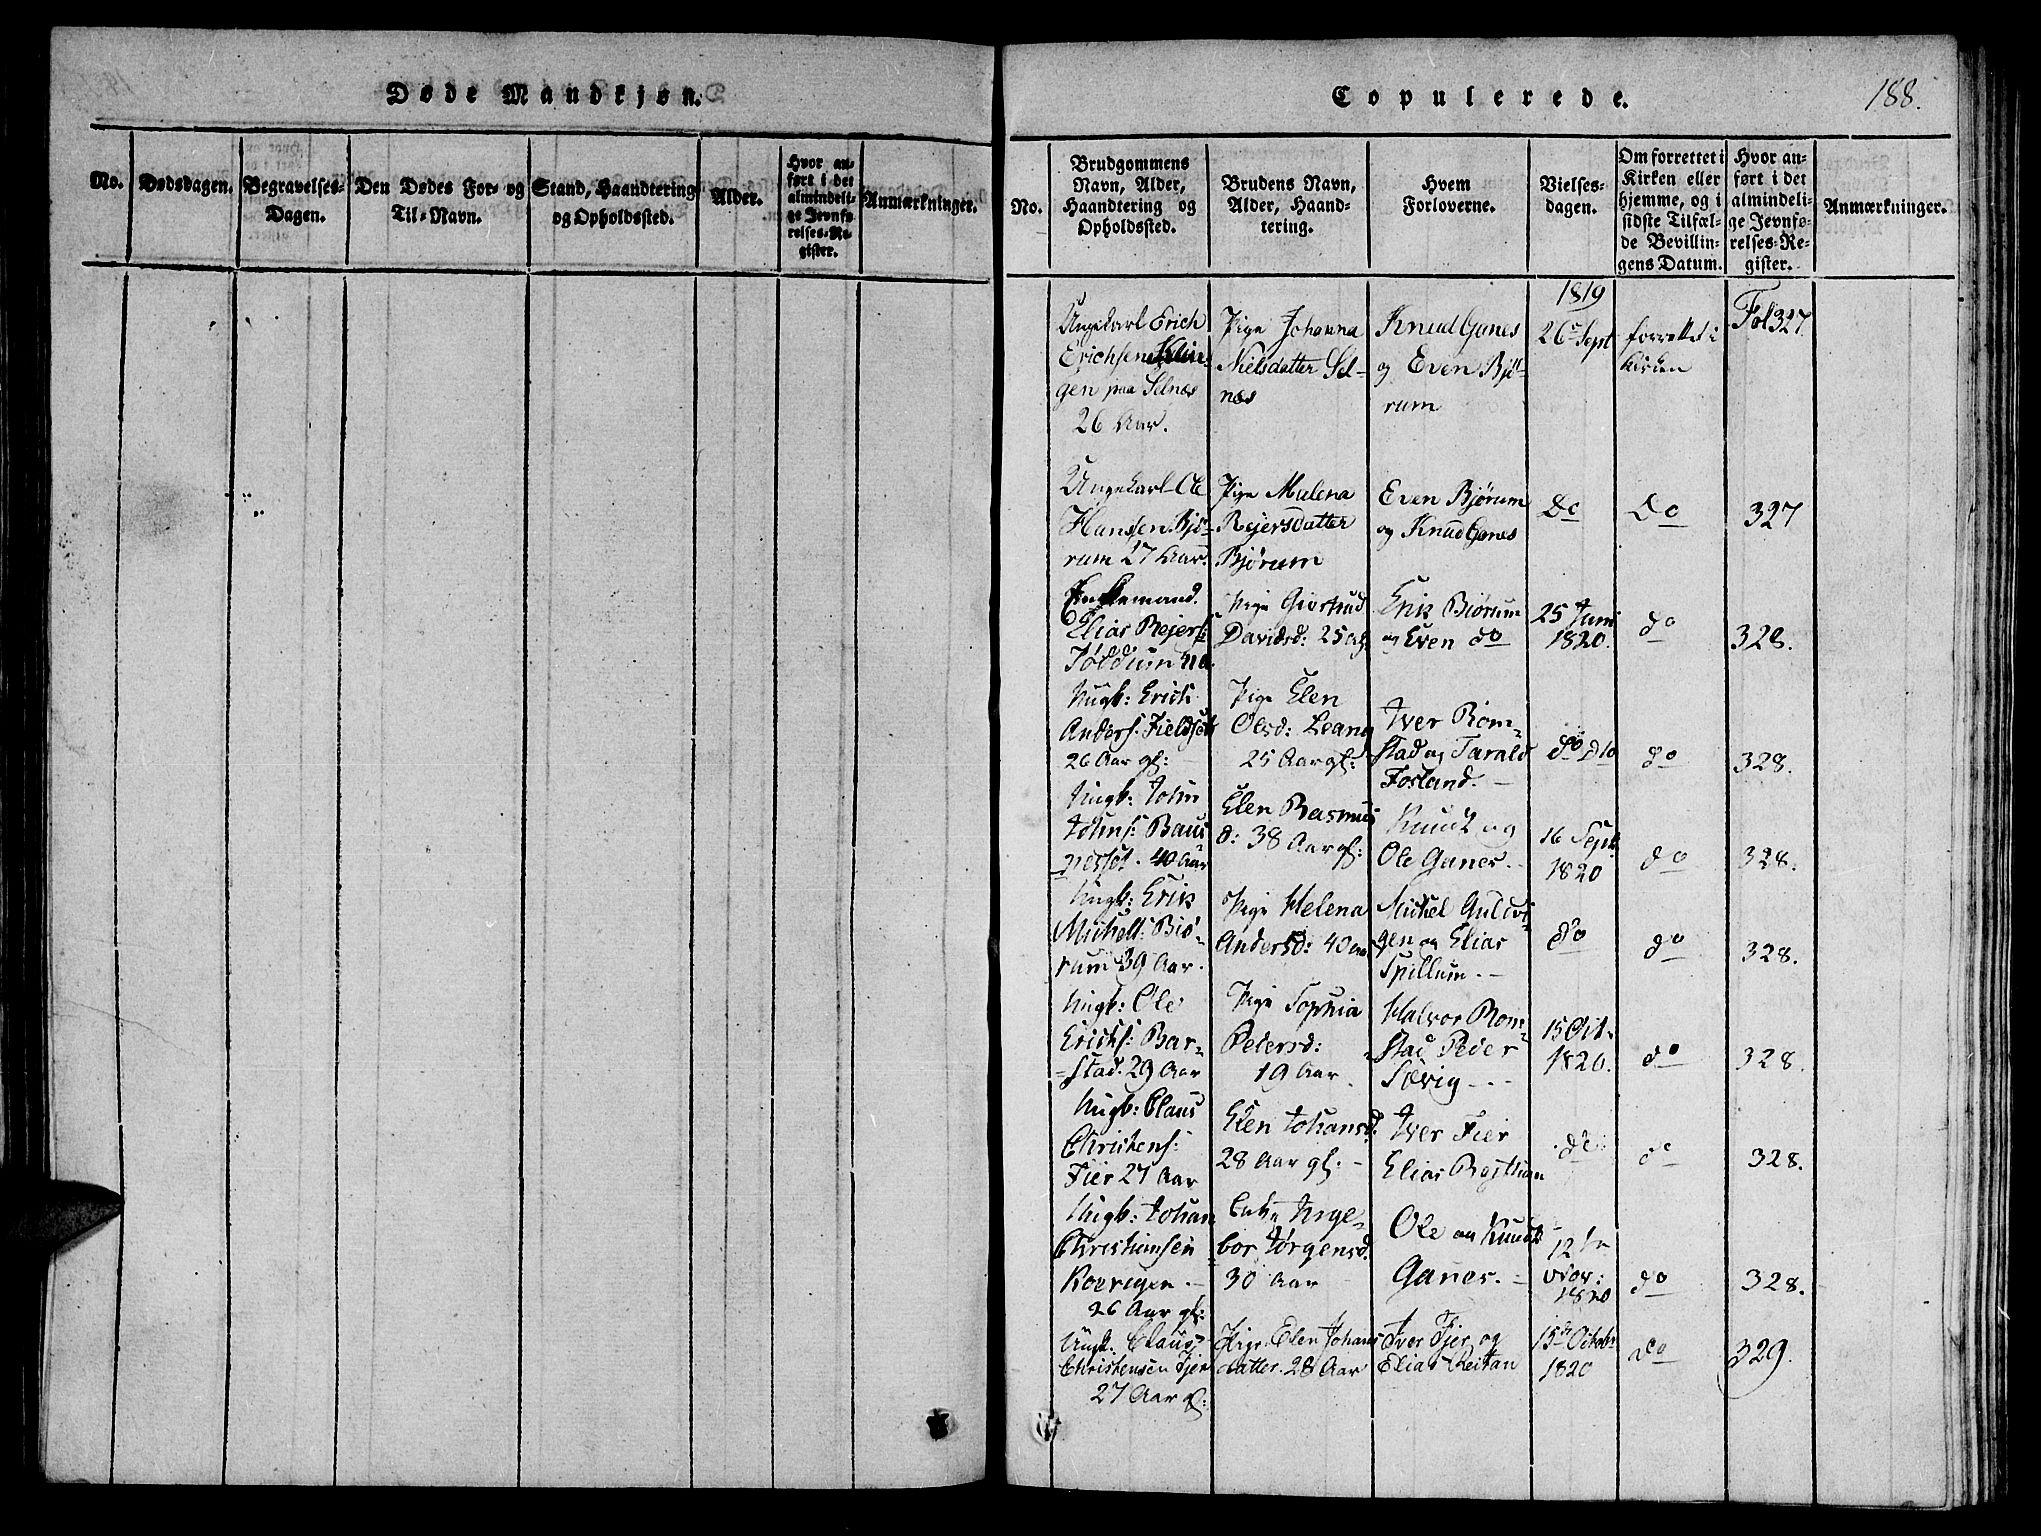 SAT, Ministerialprotokoller, klokkerbøker og fødselsregistre - Nord-Trøndelag, 770/L0588: Ministerialbok nr. 770A02, 1819-1823, s. 188